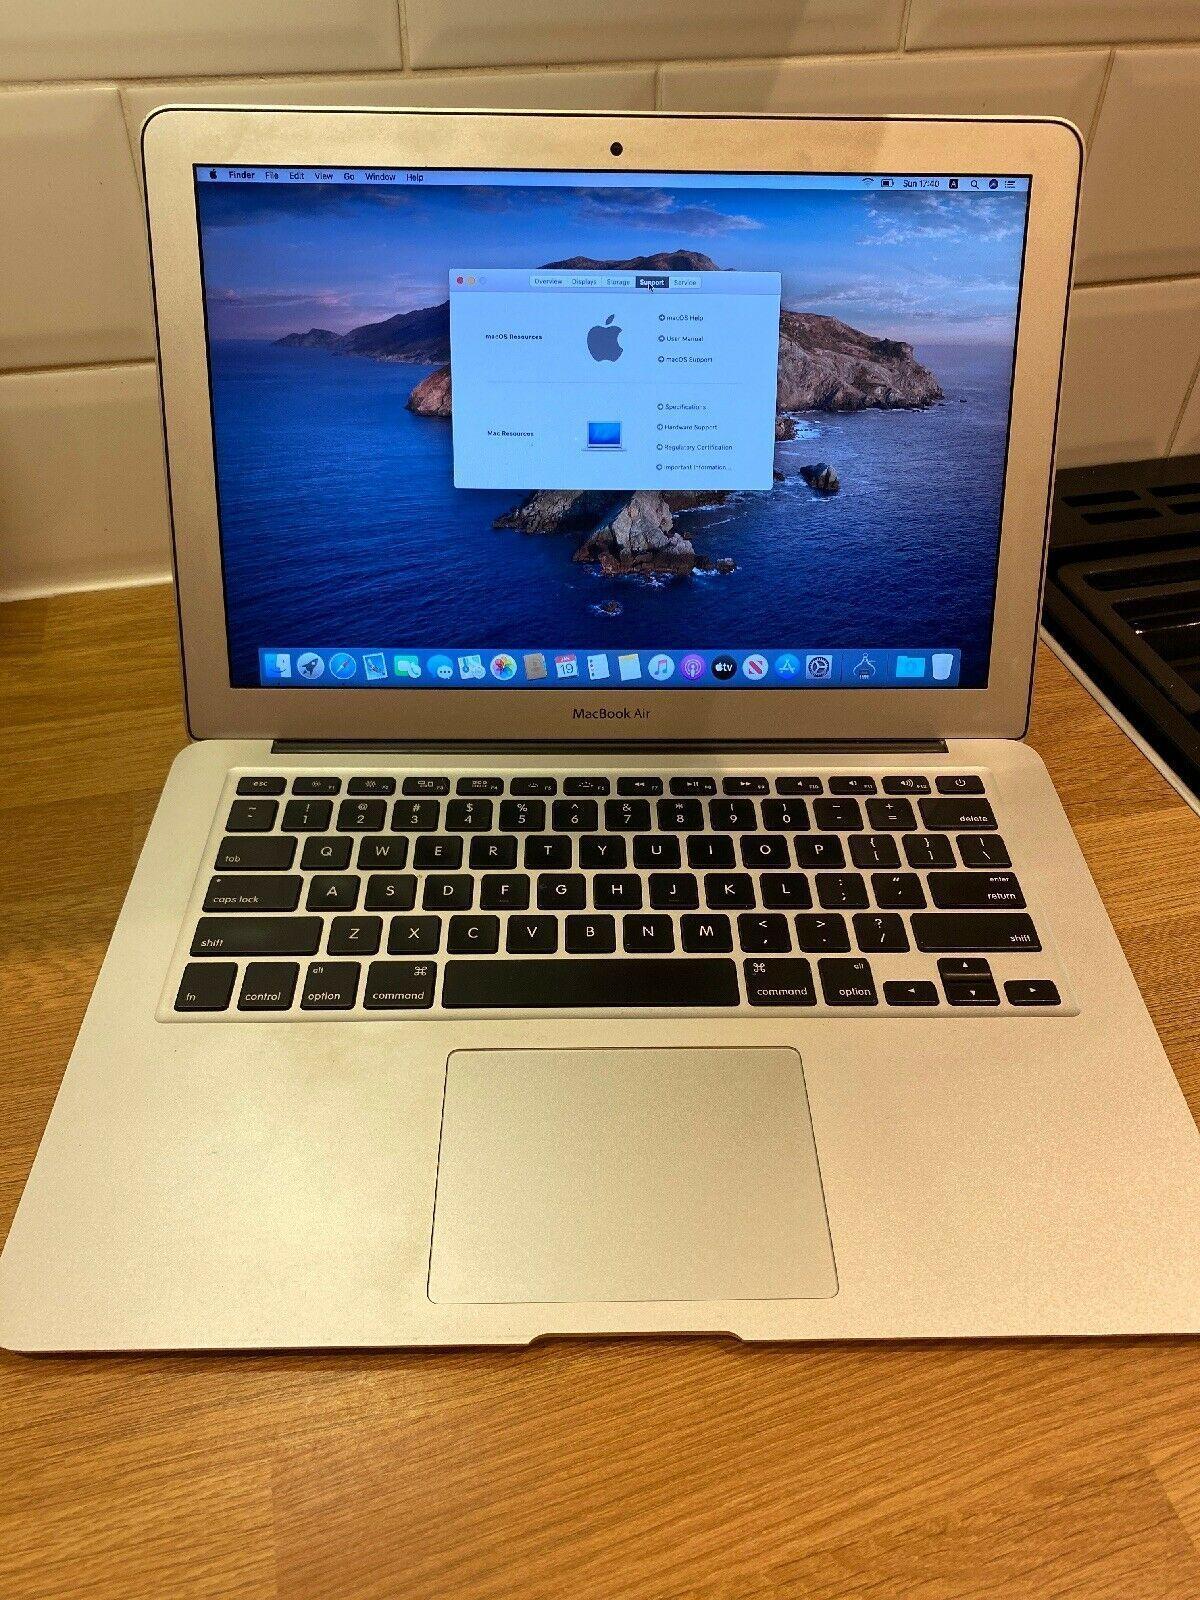 Refurbished Macbook Air 13 3 In 2020 Macbook Air Refurbished Macbook Macbook